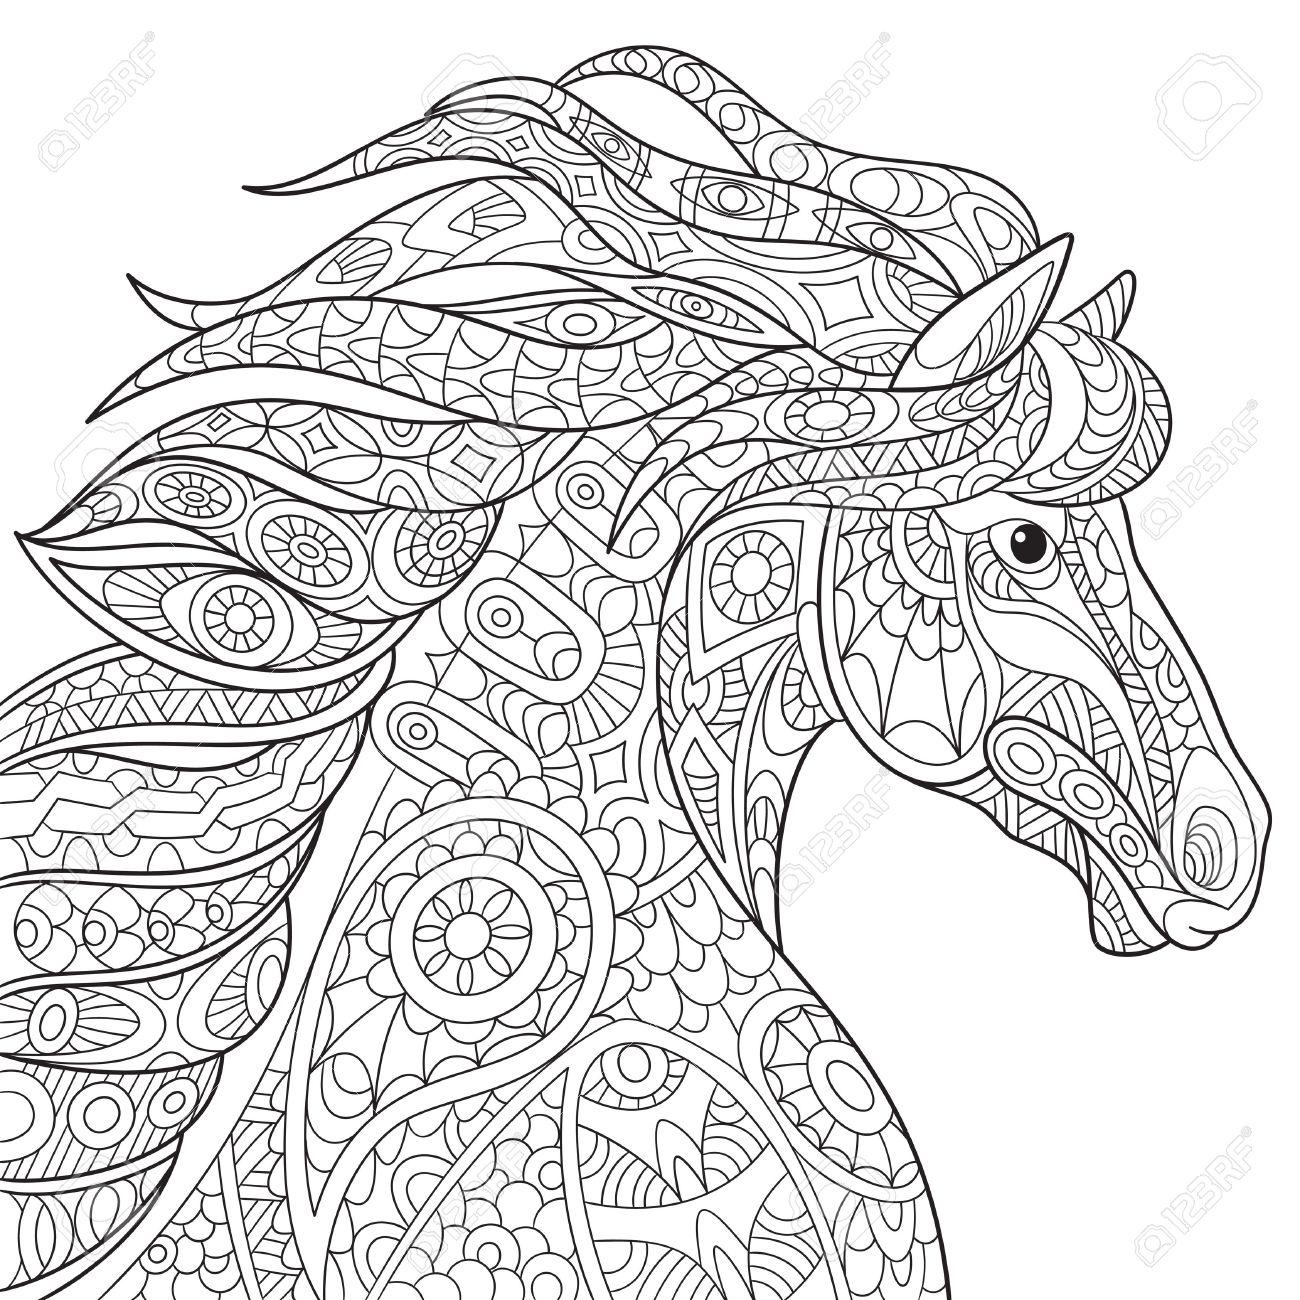 pferde malvorlagen hintrgrund  Coloring and Malvorlagan